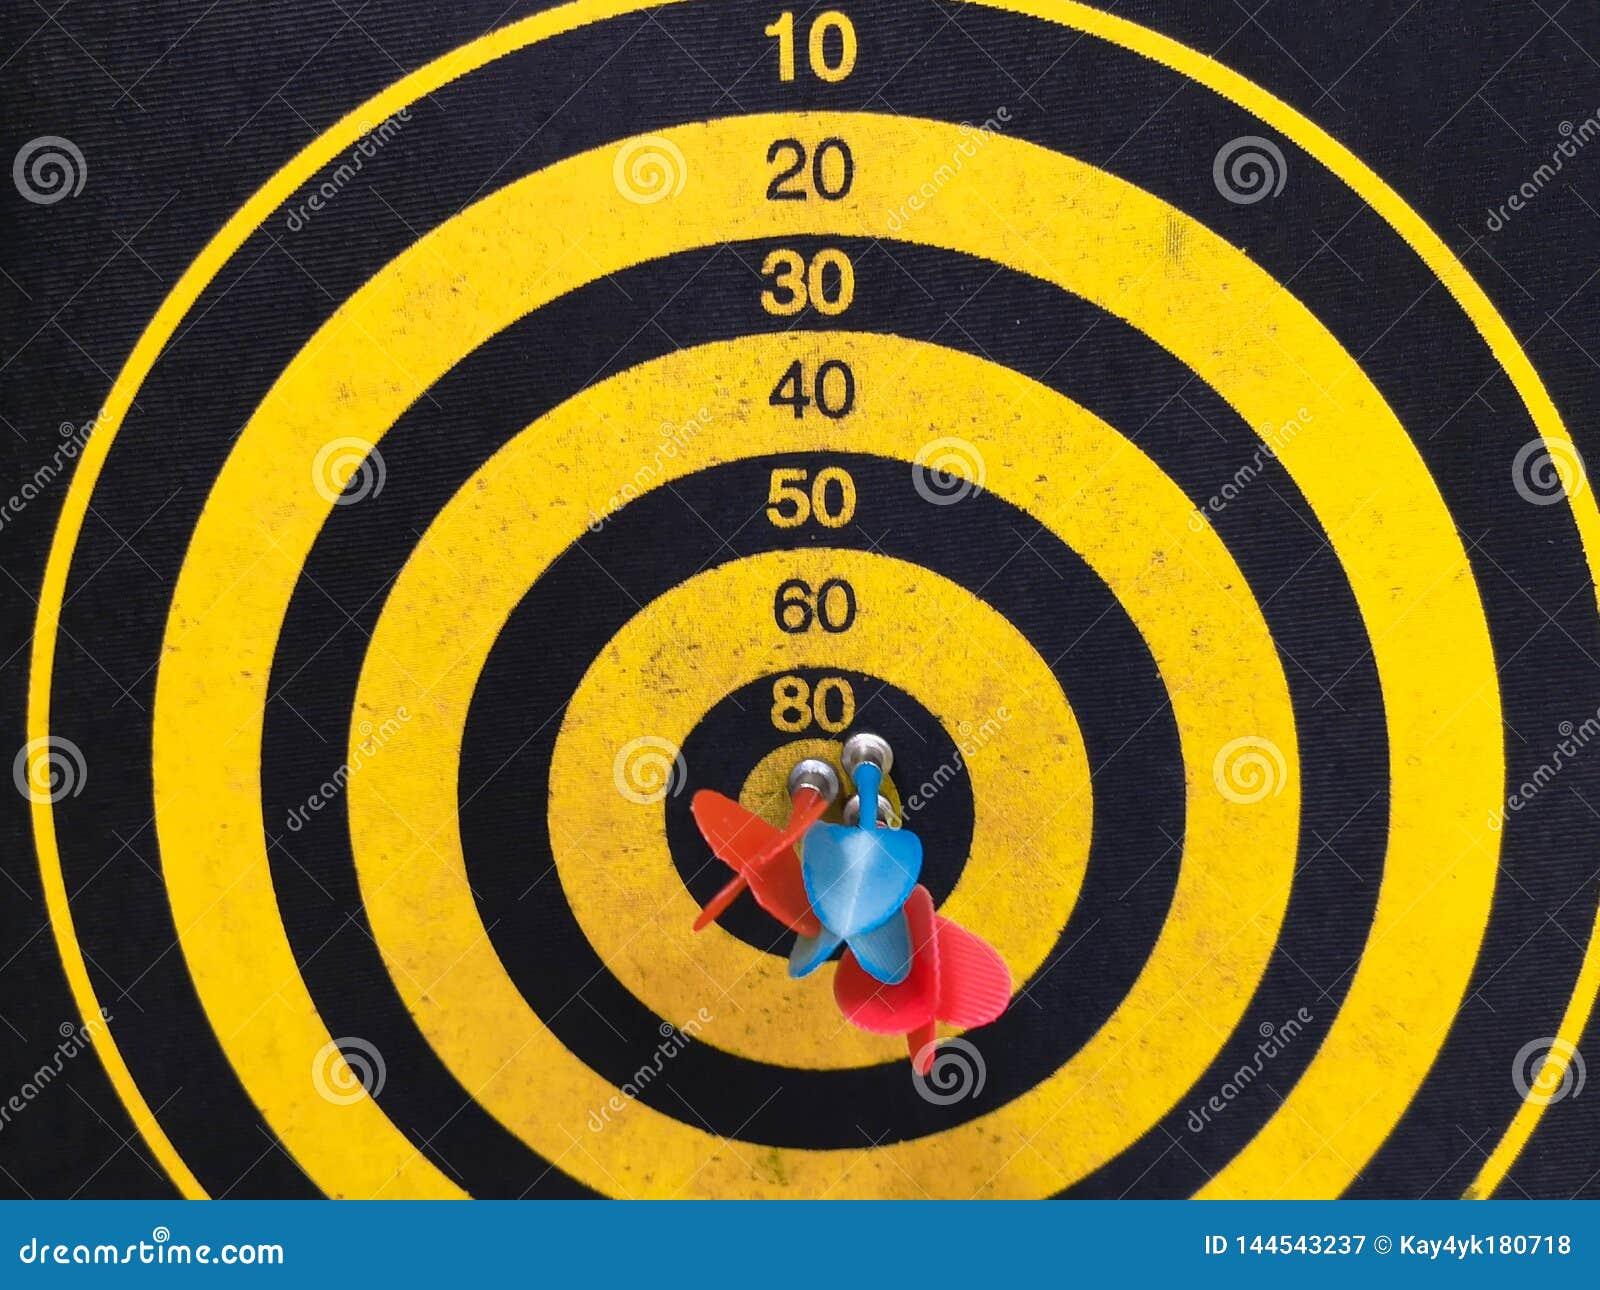 Конец вверх снял доски дротика Стрелка дротиков госпож цель на доске дротика во время игры Желтый цвет дротиков